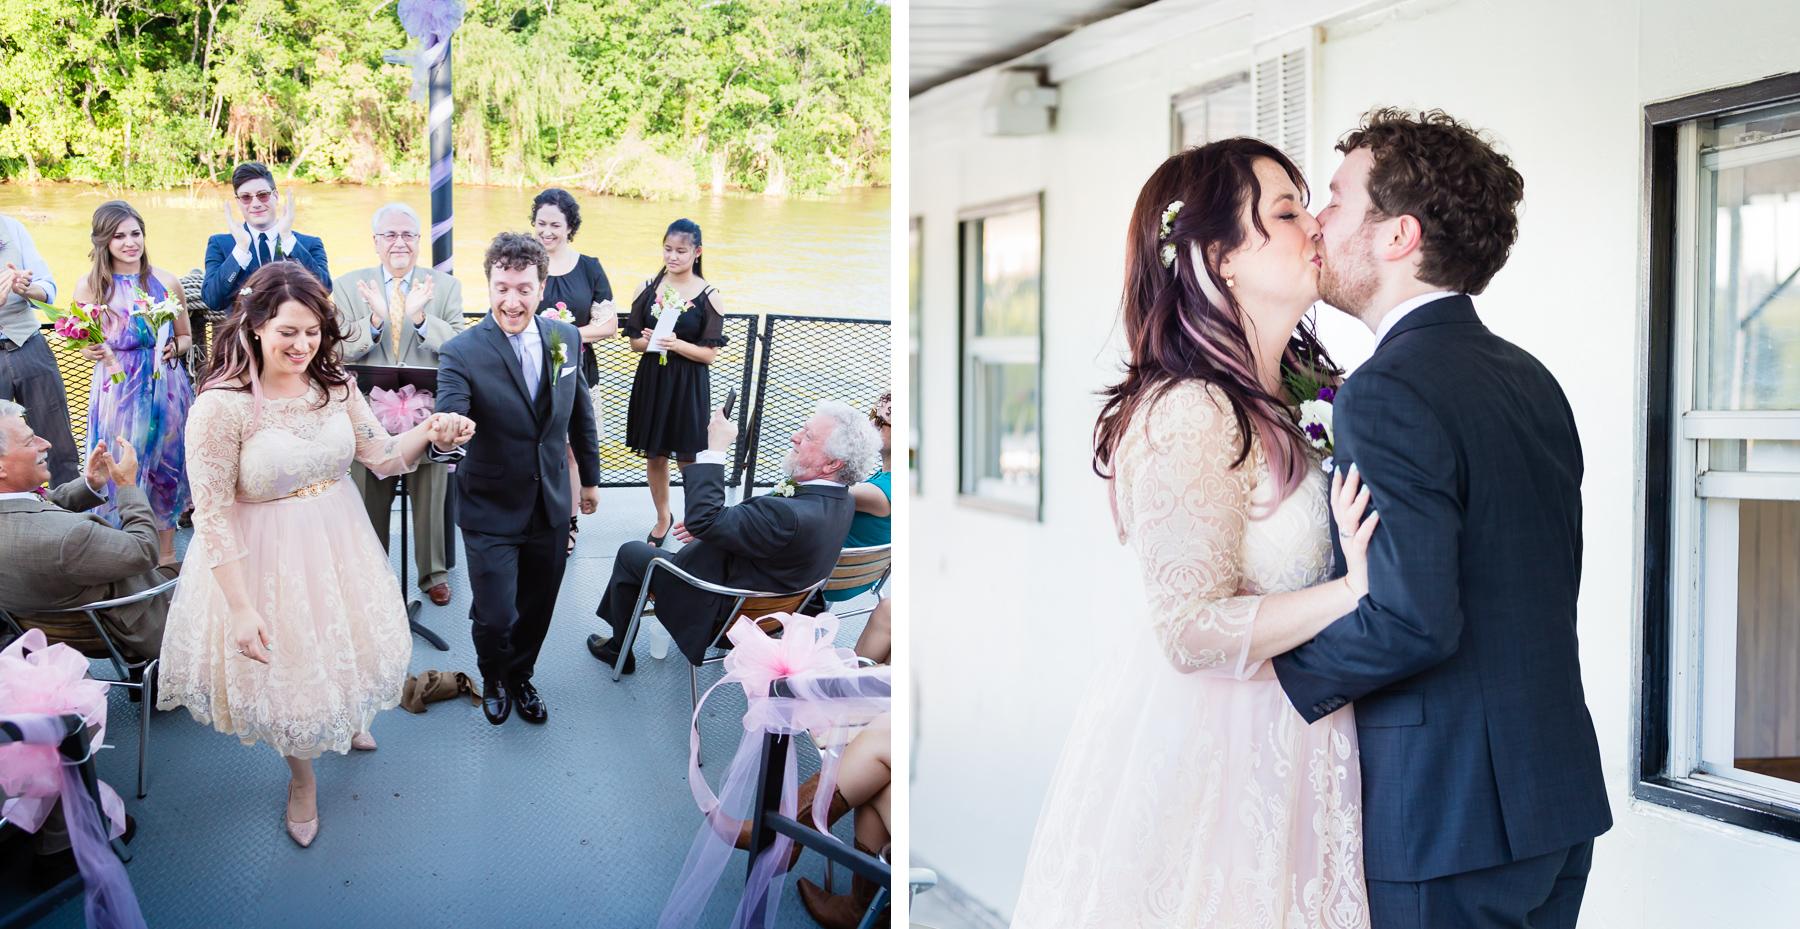 wedding-on-a-boat-texas.jpg